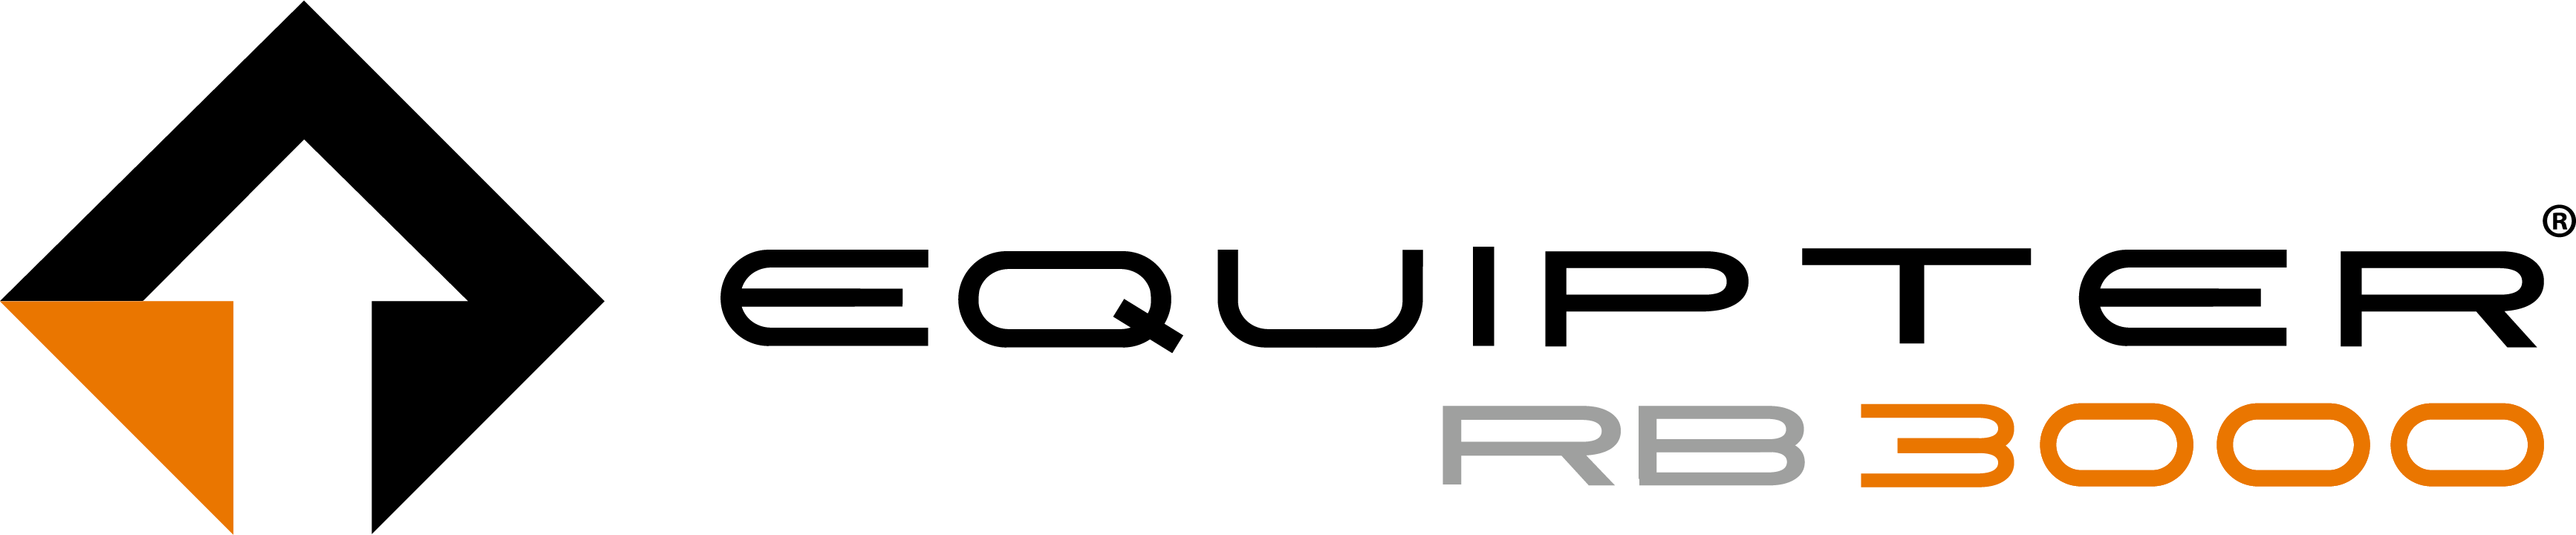 RB3000 Full Logo